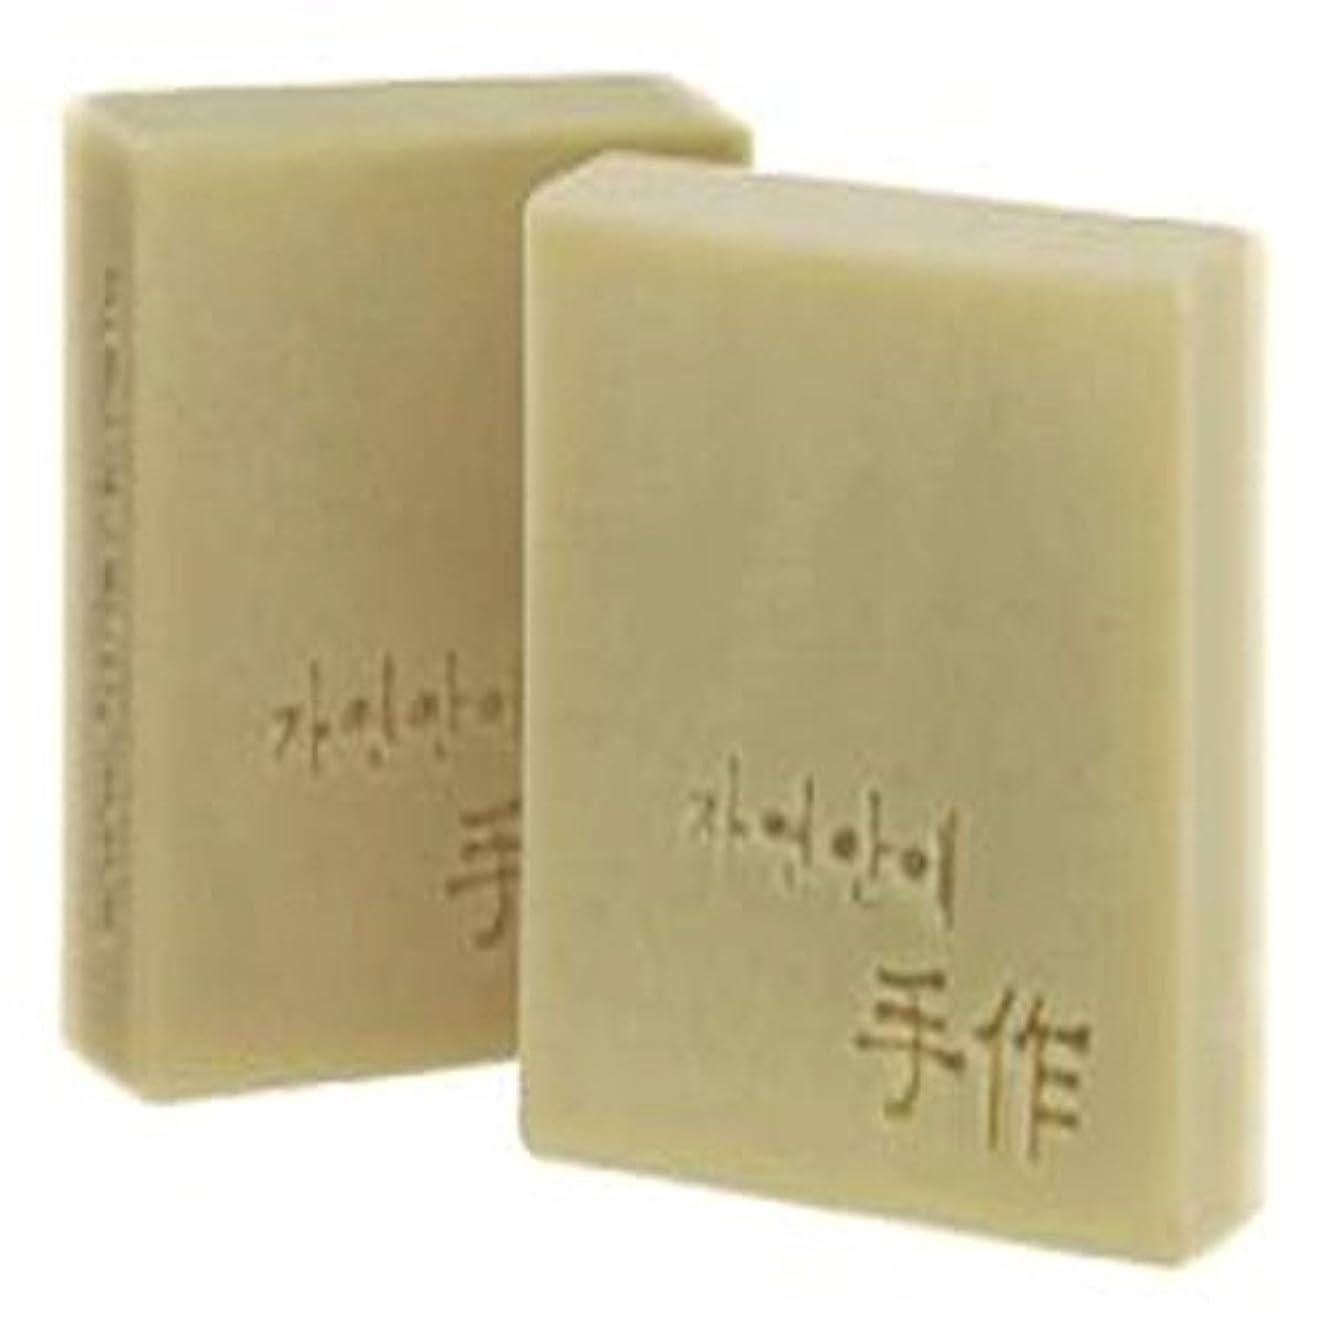 予約ハンドブック専門化するNatural organic 有機天然ソープ 固形 無添加 洗顔せっけん [並行輸入品] (マッコリ)